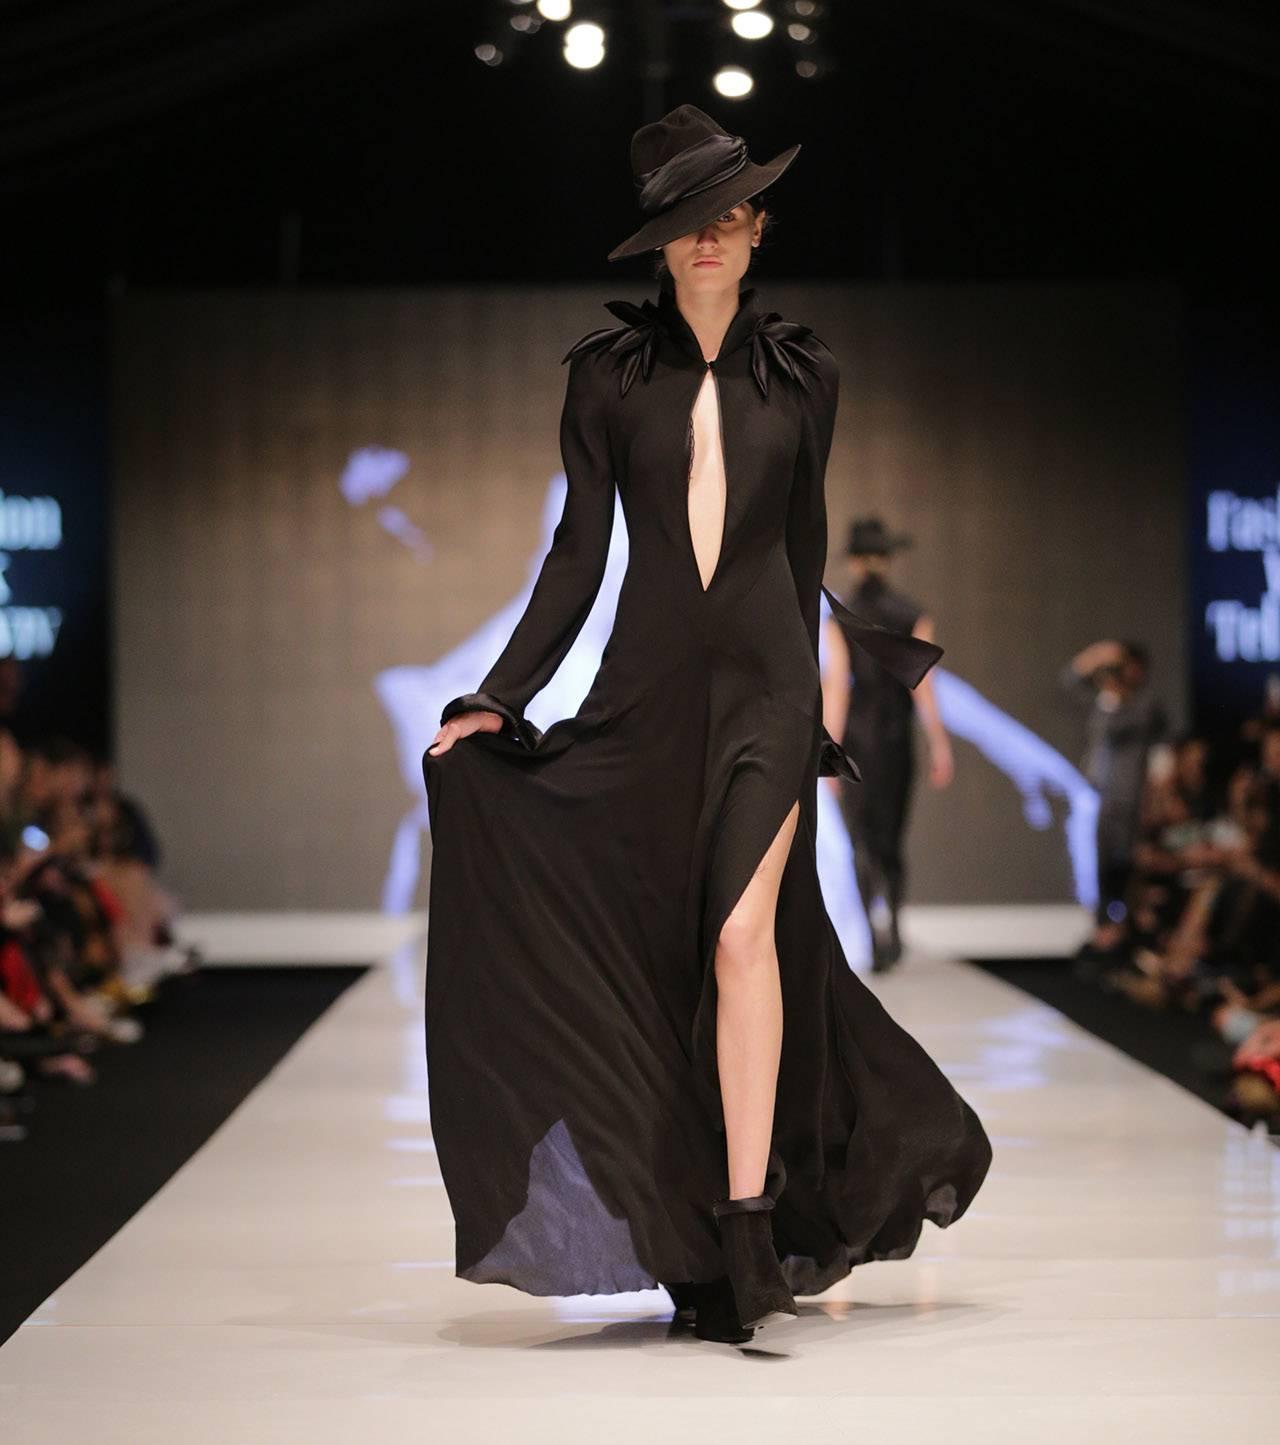 ויוי בלאיש, שבוע האופנה 2018